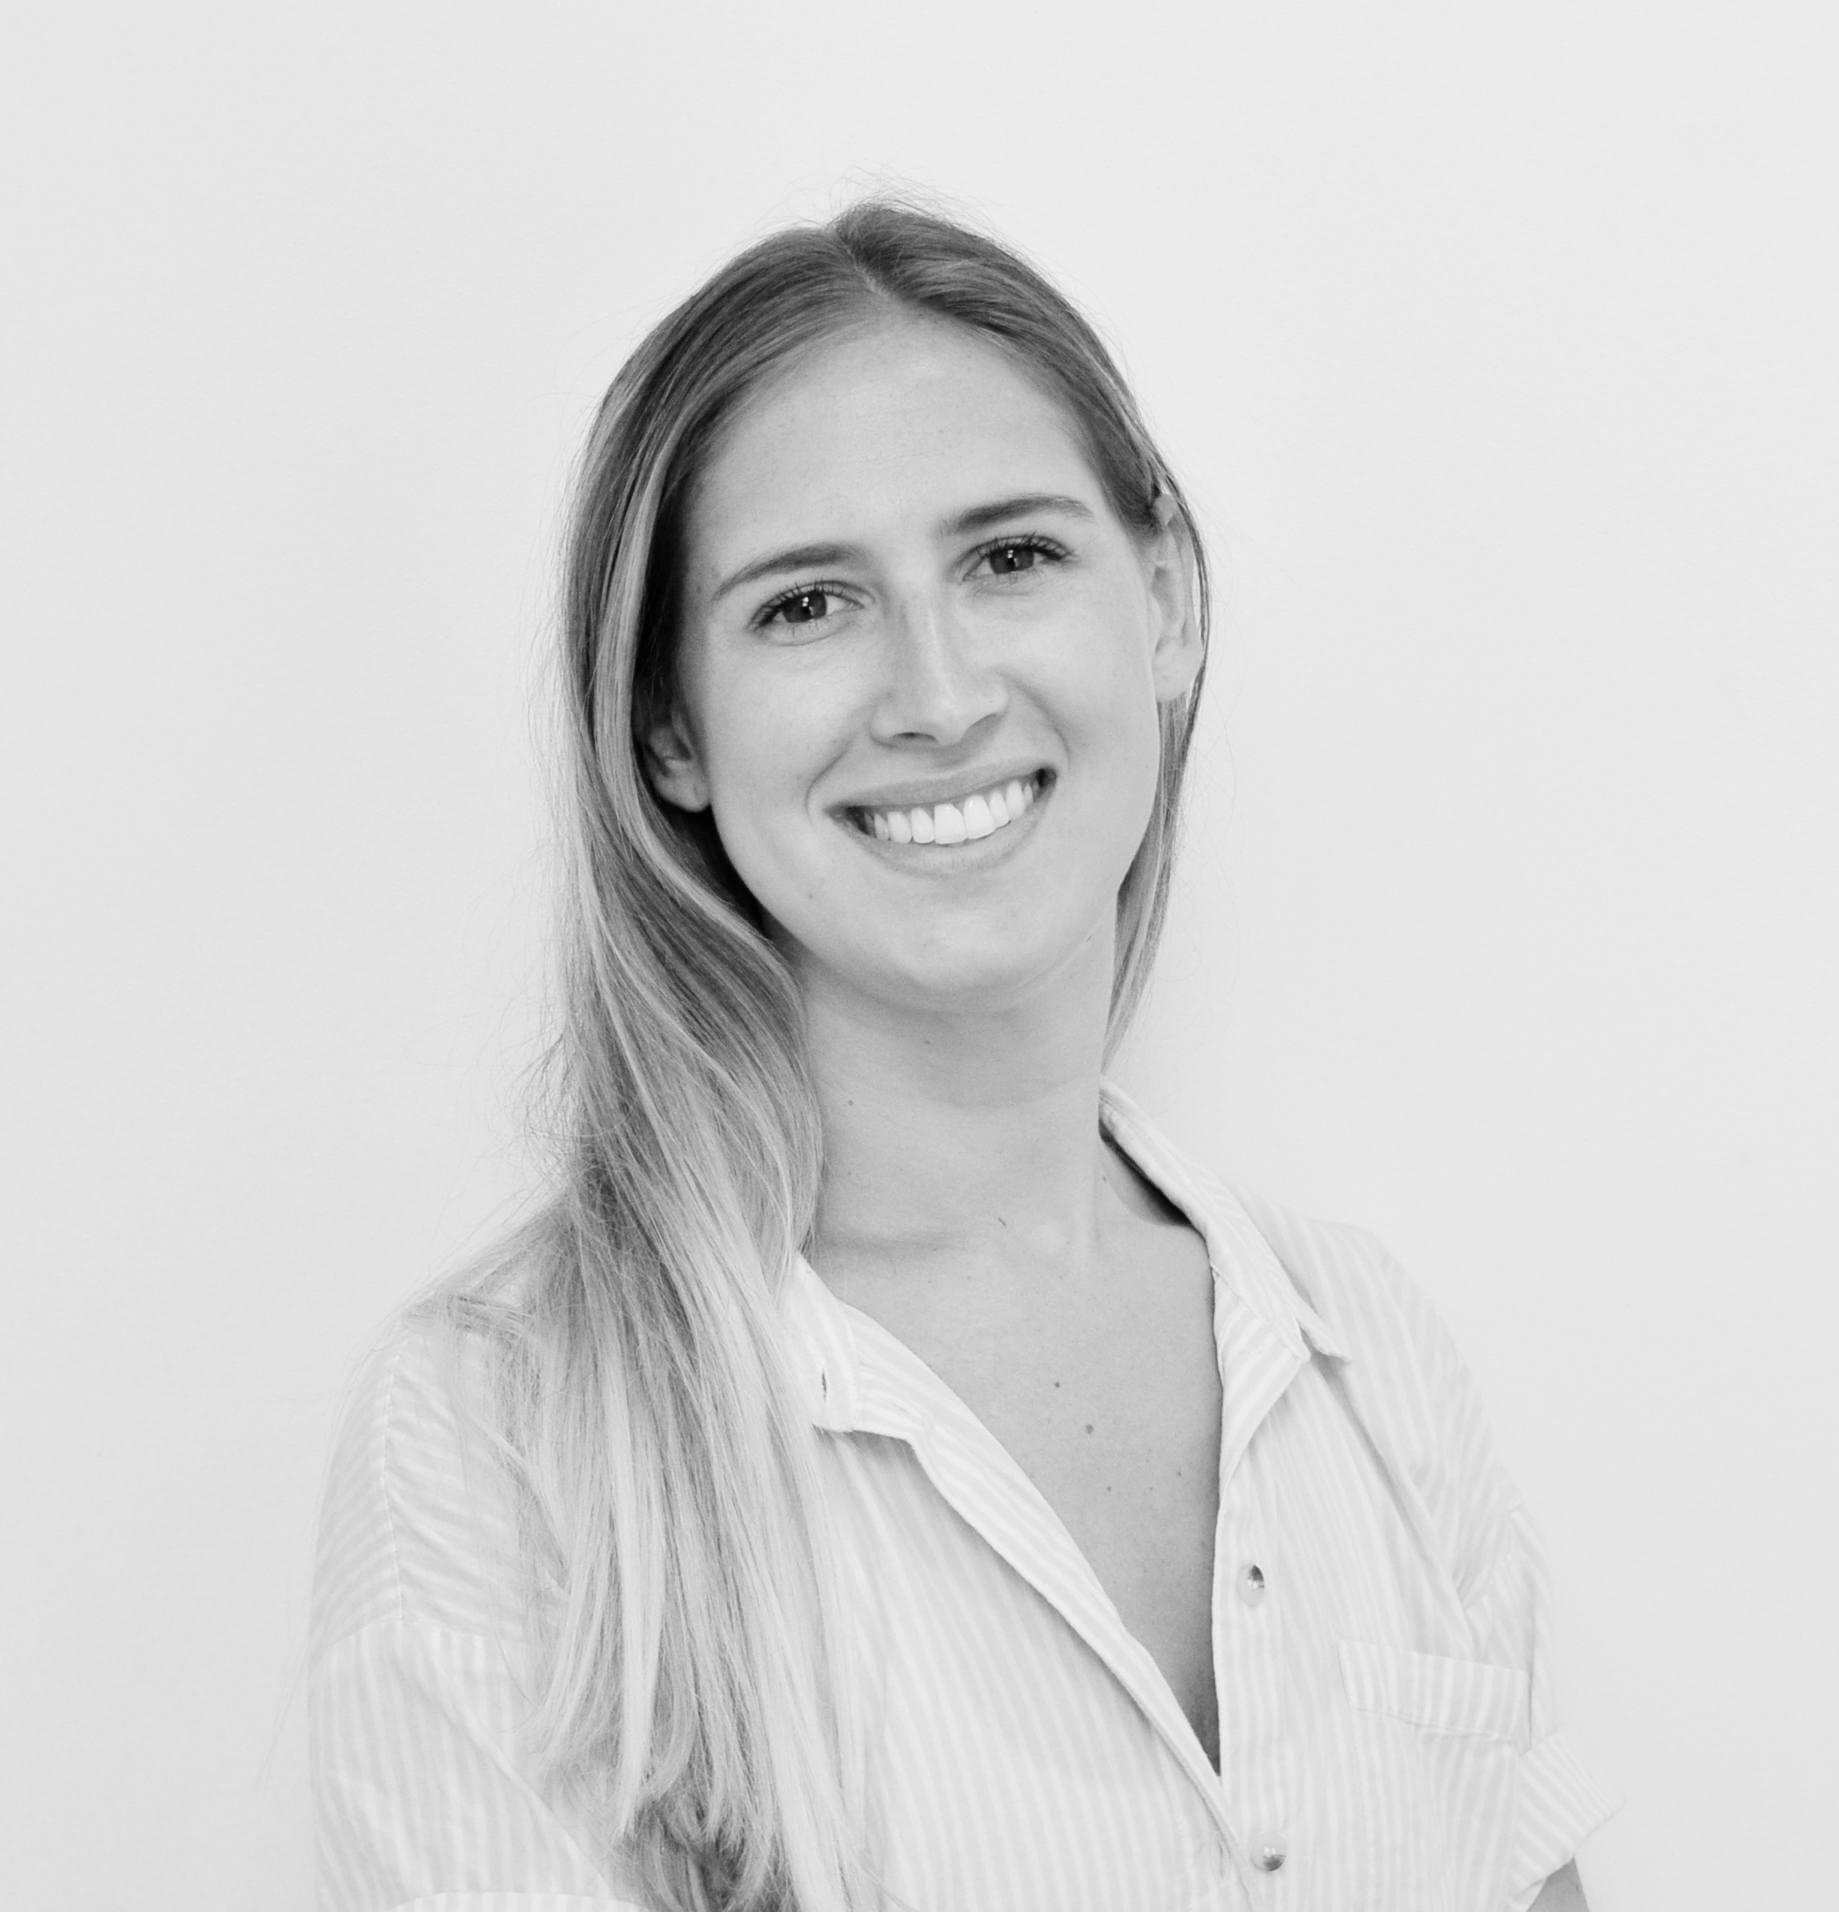 Sarah Rigler